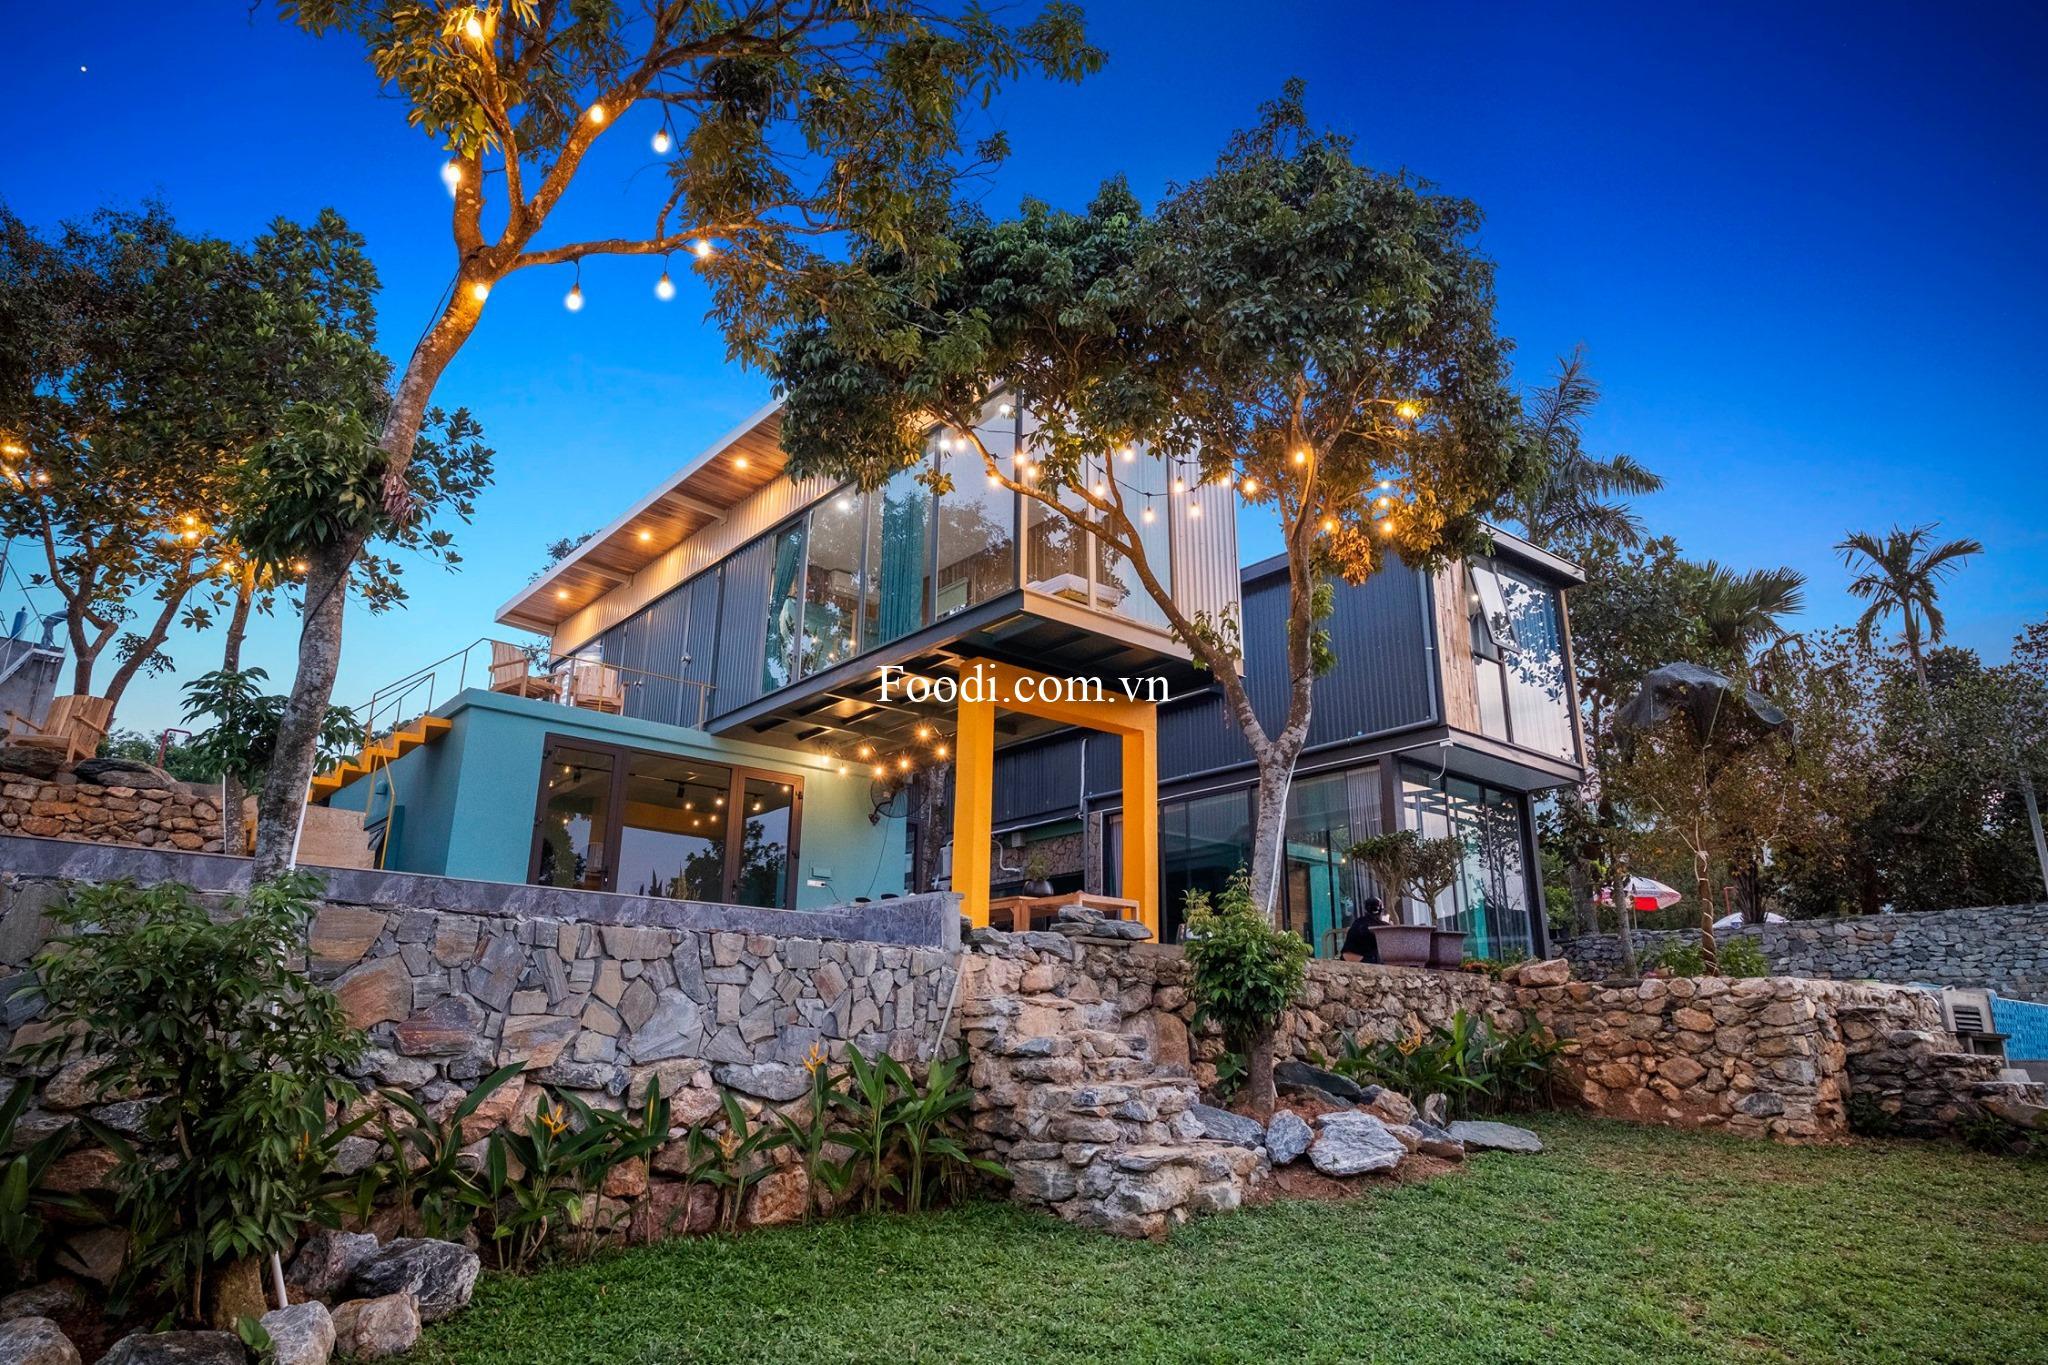 Top 21 Biệt thự villa homestay Ba Vì giá rẻ đẹp có hồ bơi nguyên căn